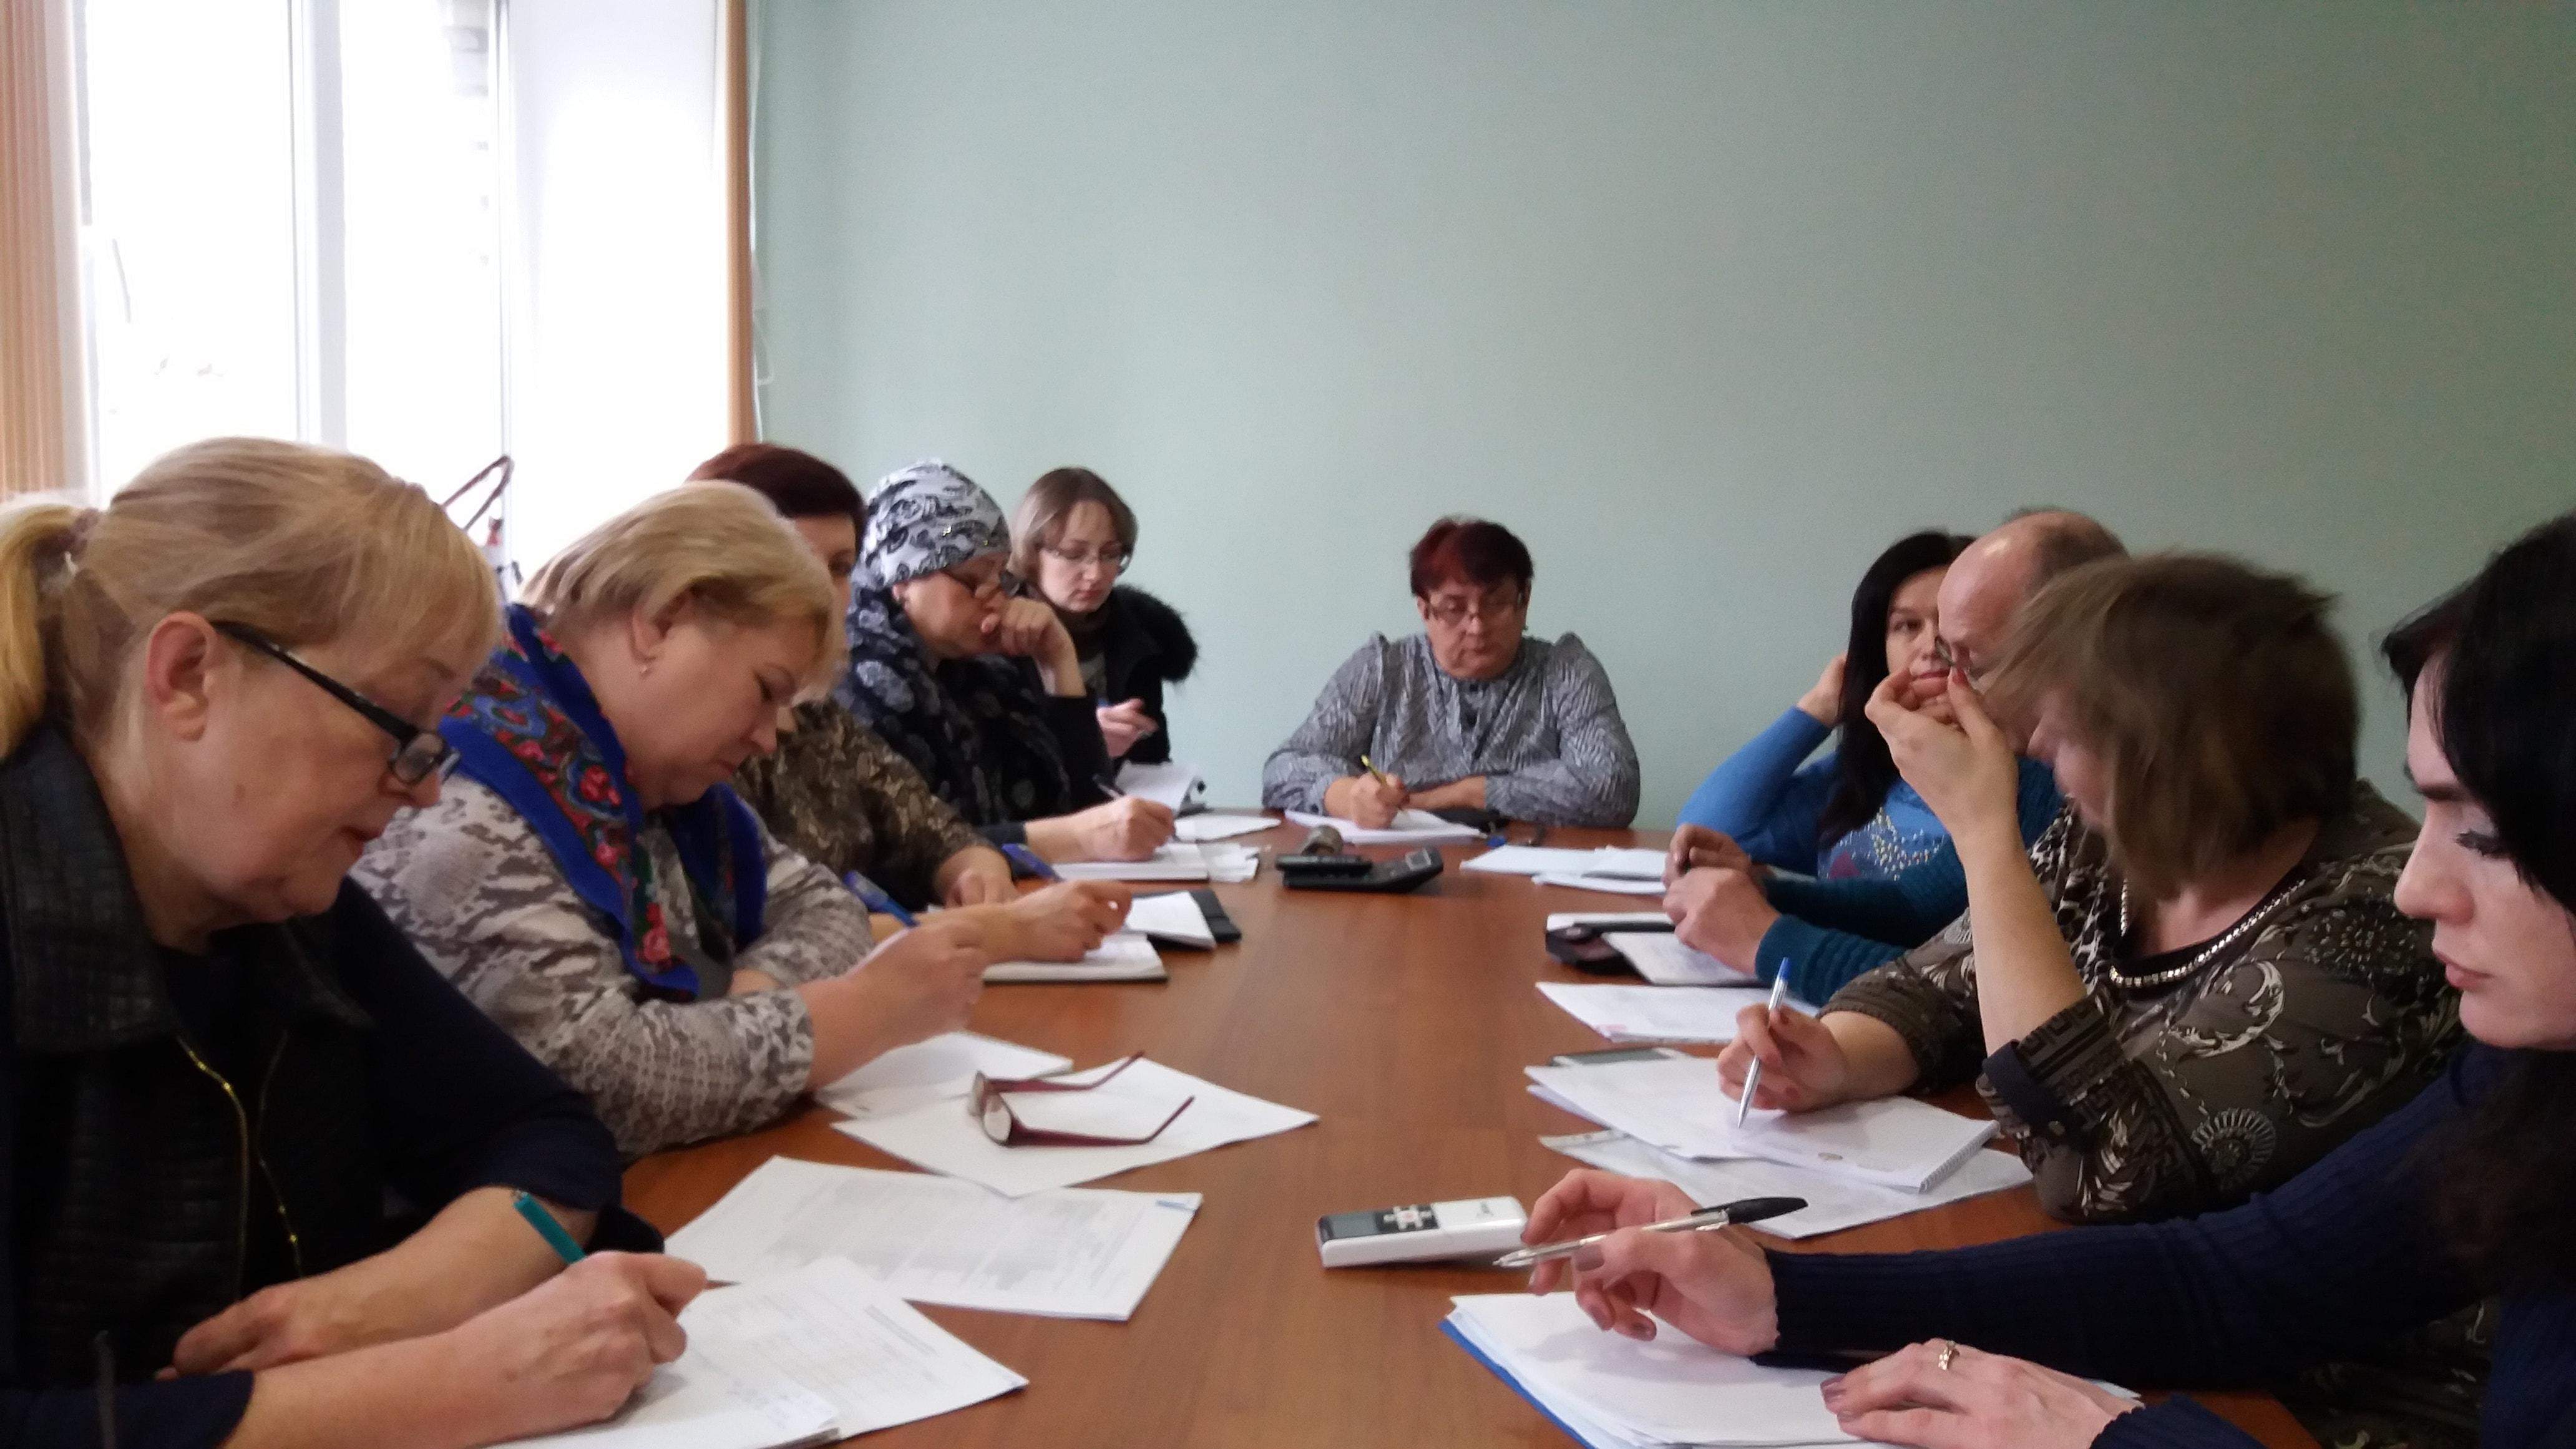 6 грудня відбувся семінар-навчання для представників ОТГ та міст з питань АПК